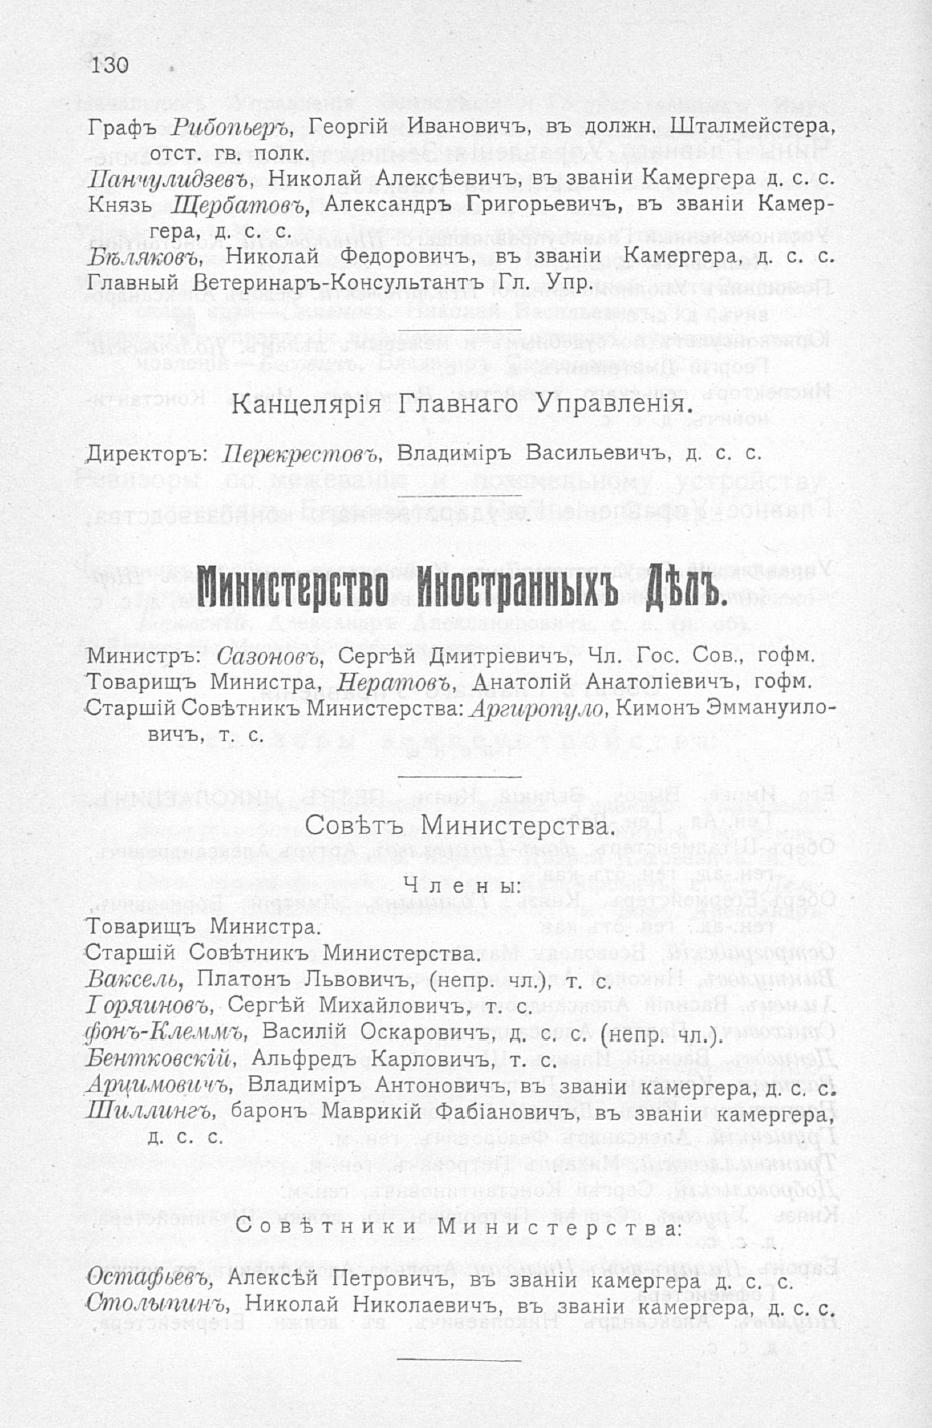 http://images.vfl.ru/ii/1406807968/4084e9bf/5857681.jpg